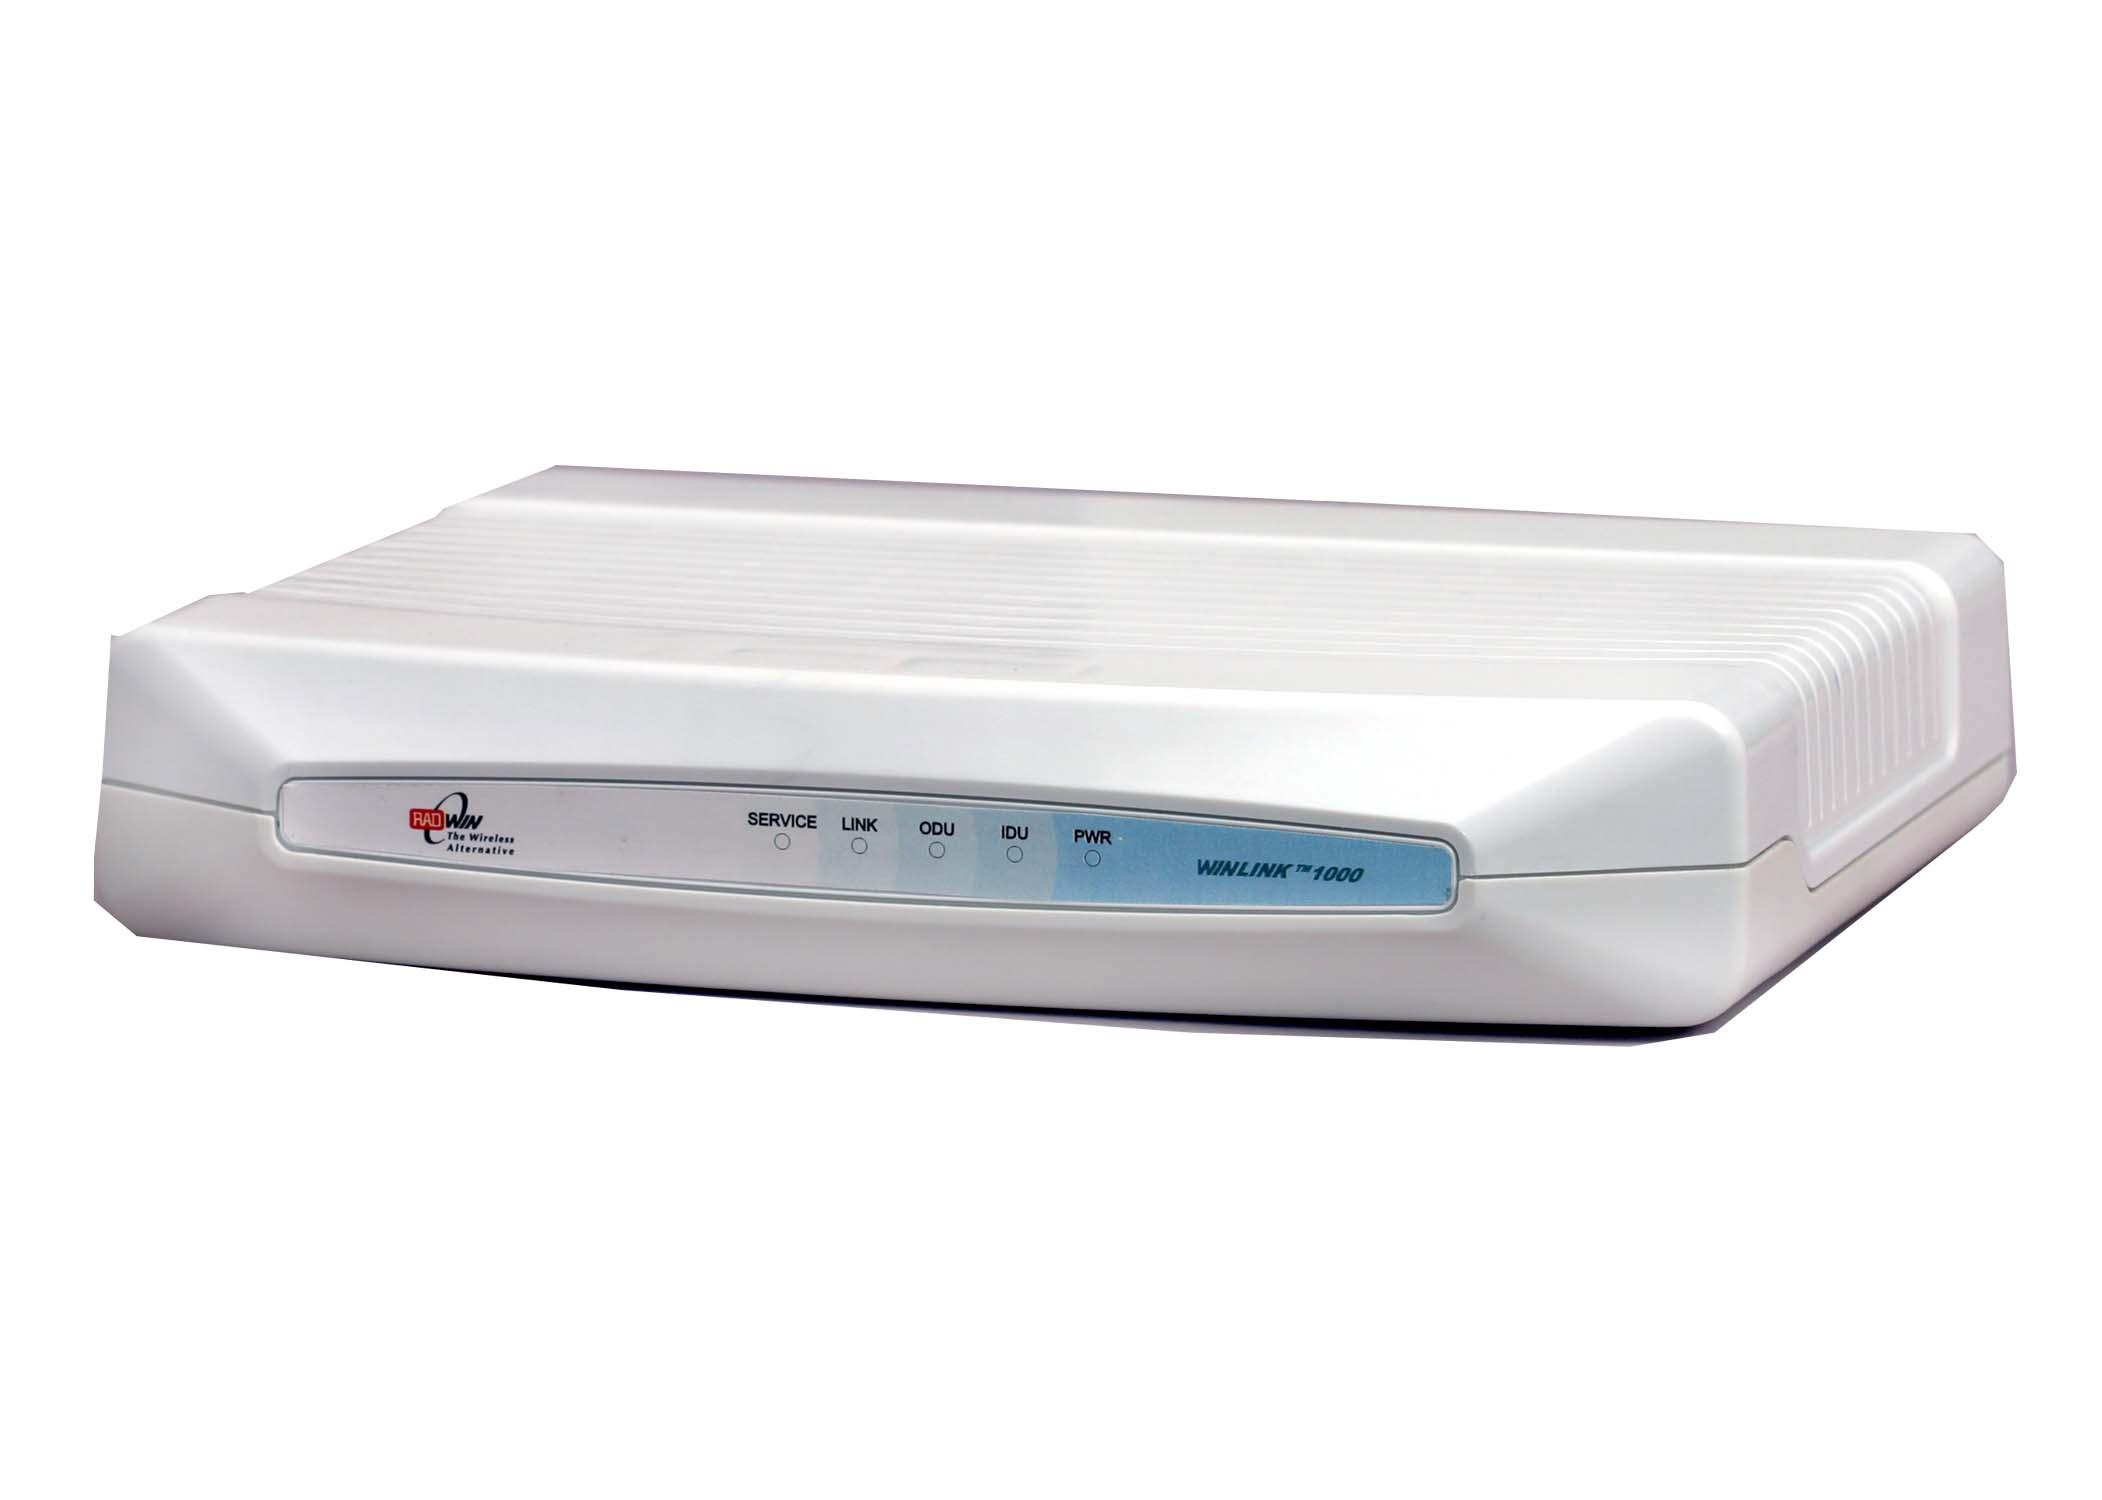 Внутренний блок для резервирования 1 потока T1 RADWIN WL1000-IDU-R-T1 AT0065151; 2 порта Ethernet и